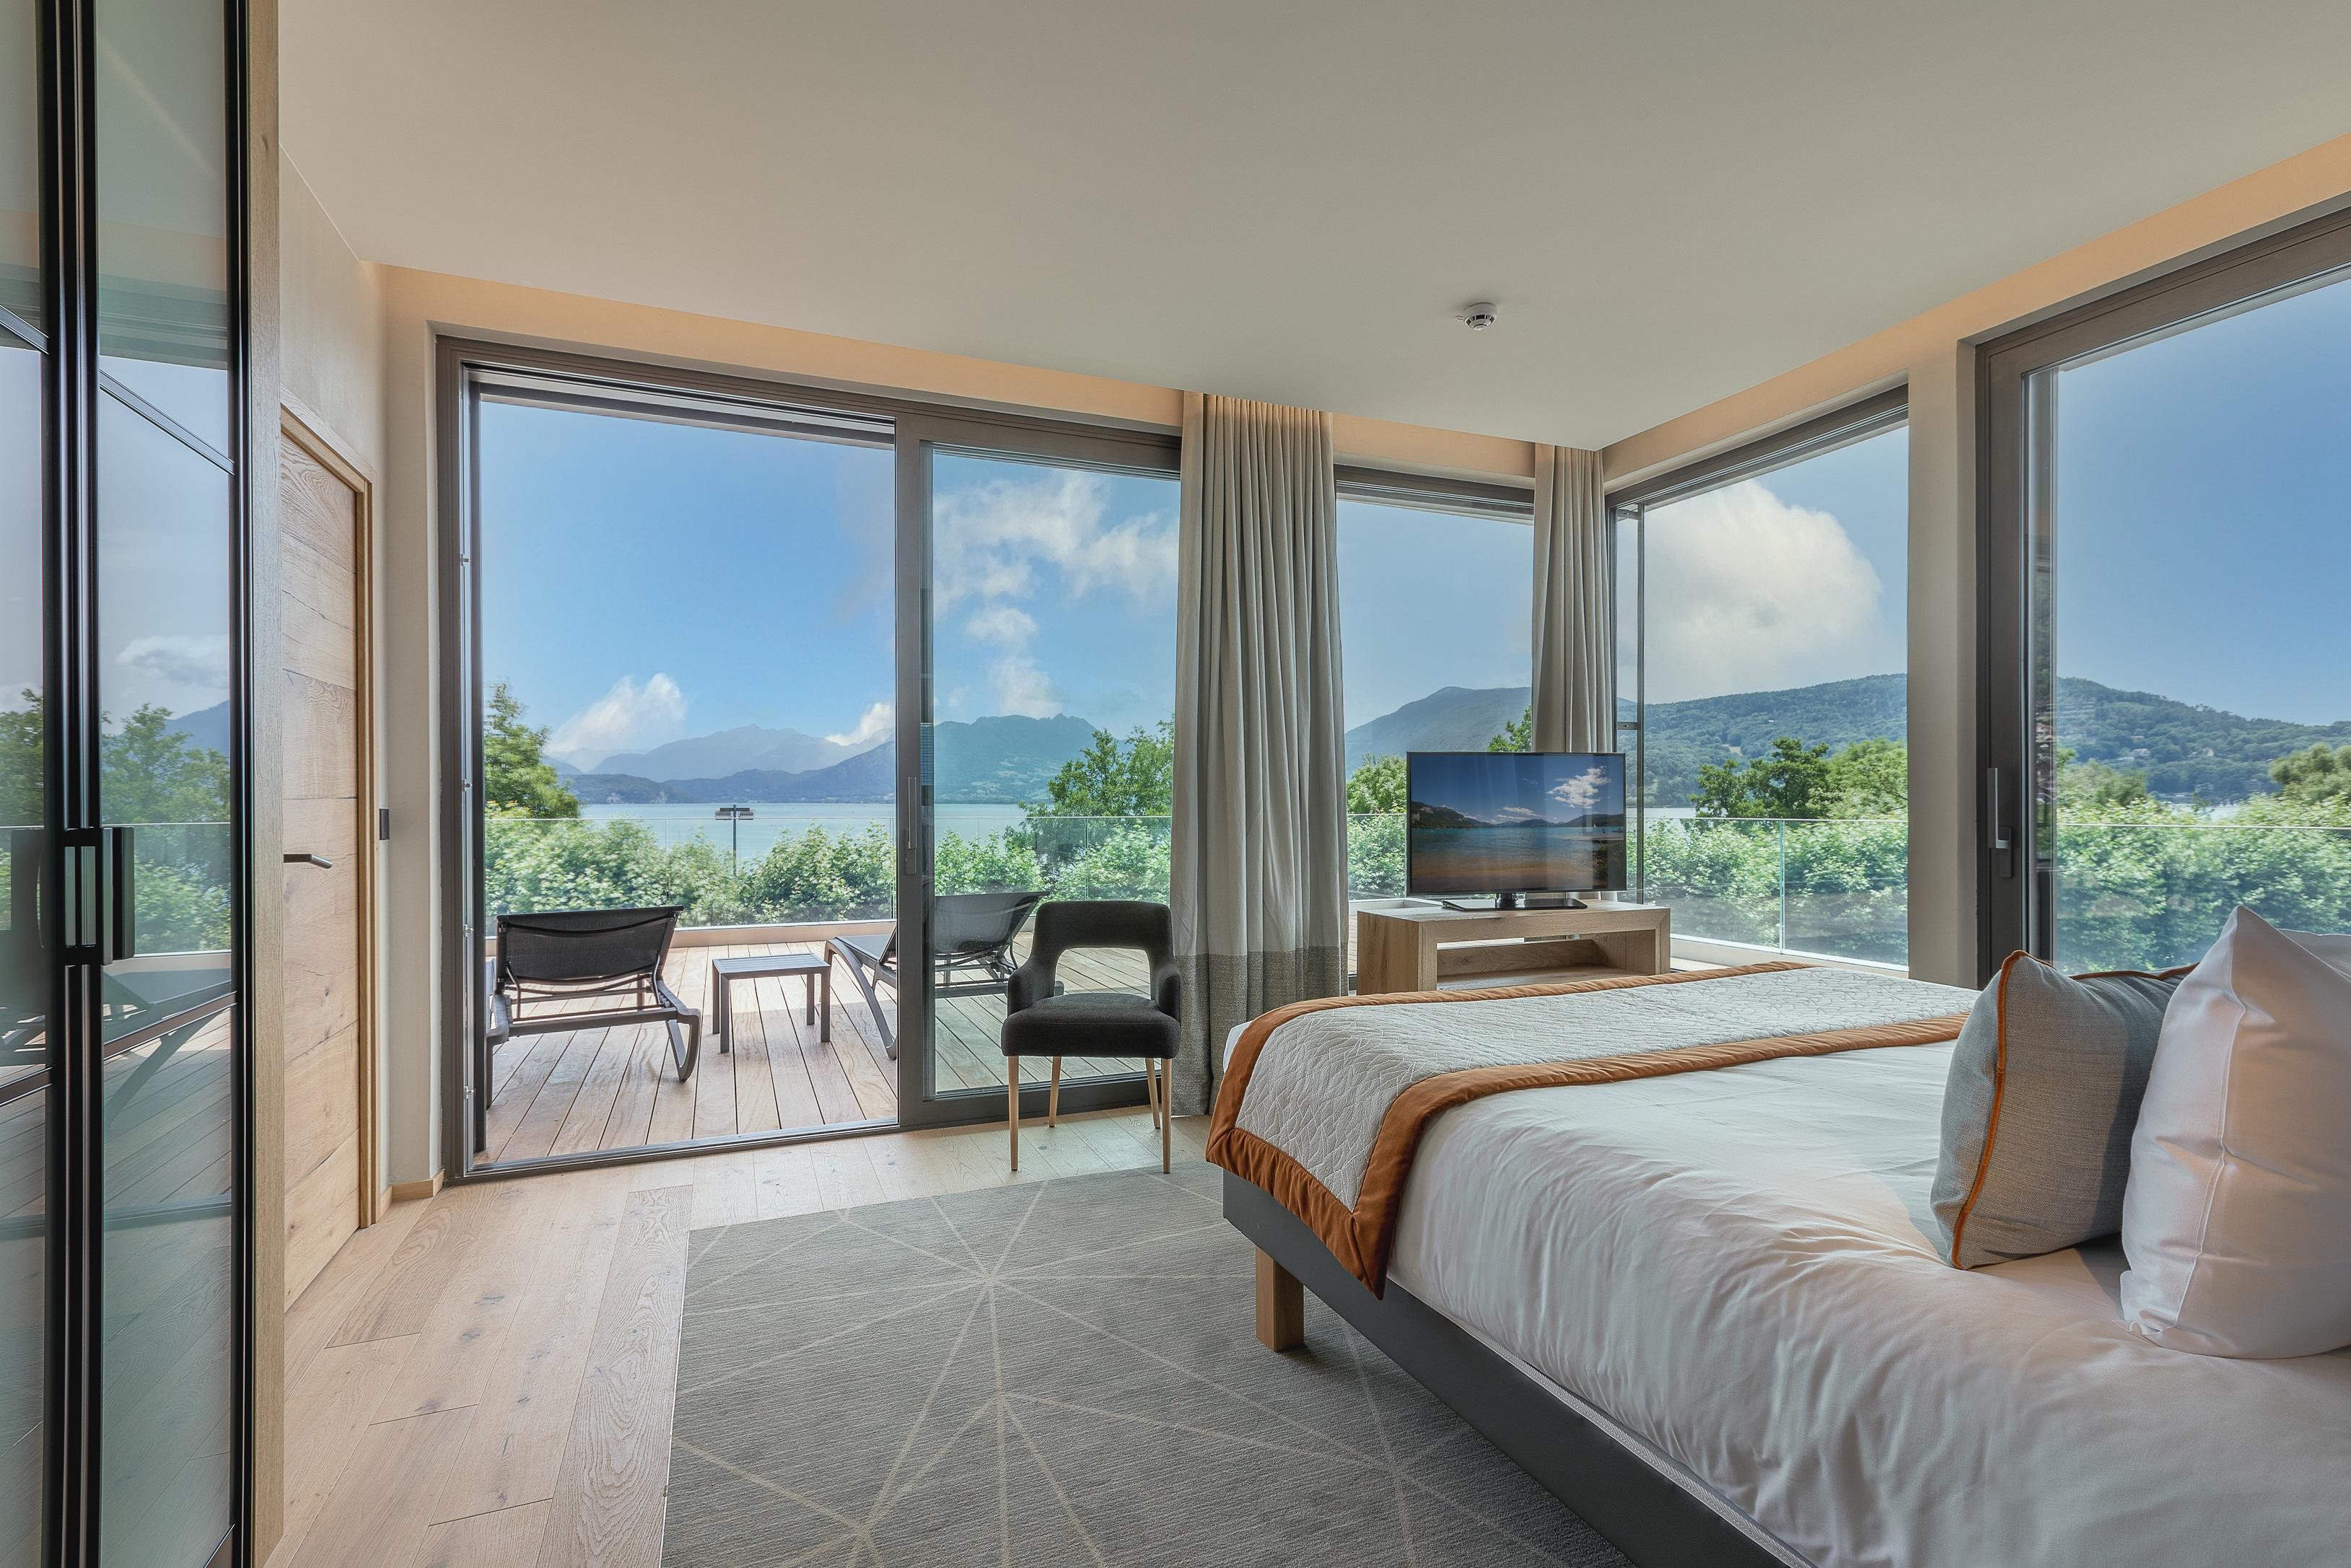 Penthouse de Hôtel Rivage avec vue sur le lac d'Annecy